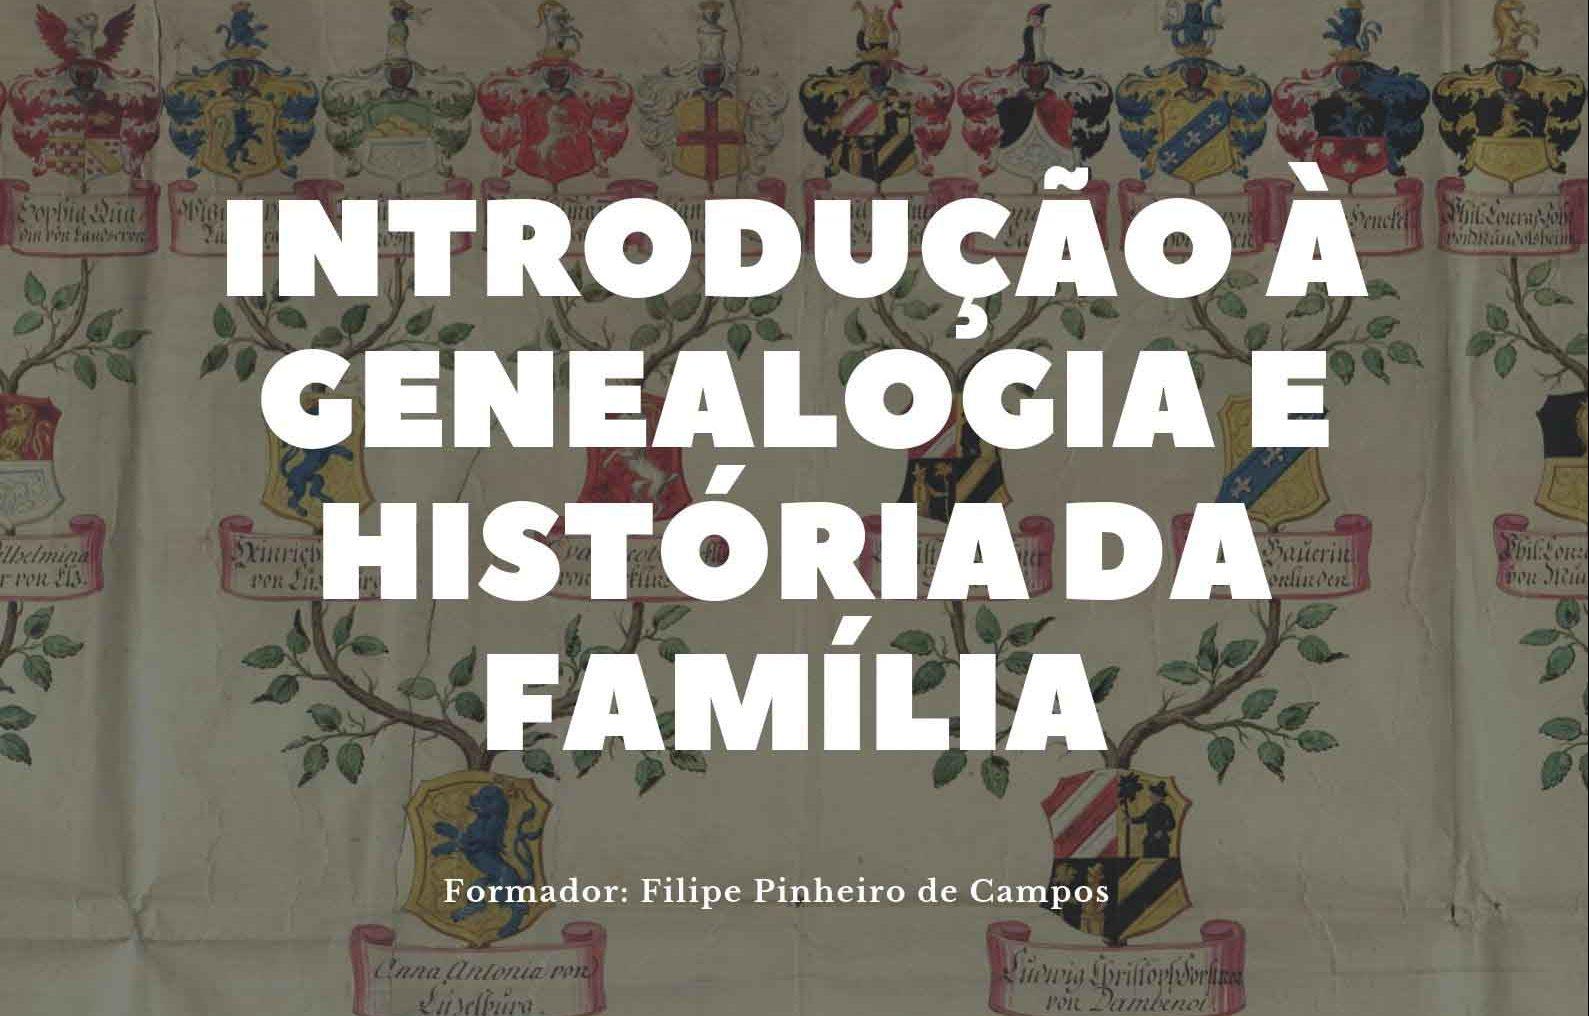 Museu Francisco de Lacerda promove Curso de Introdução à Genealogia e História da Família